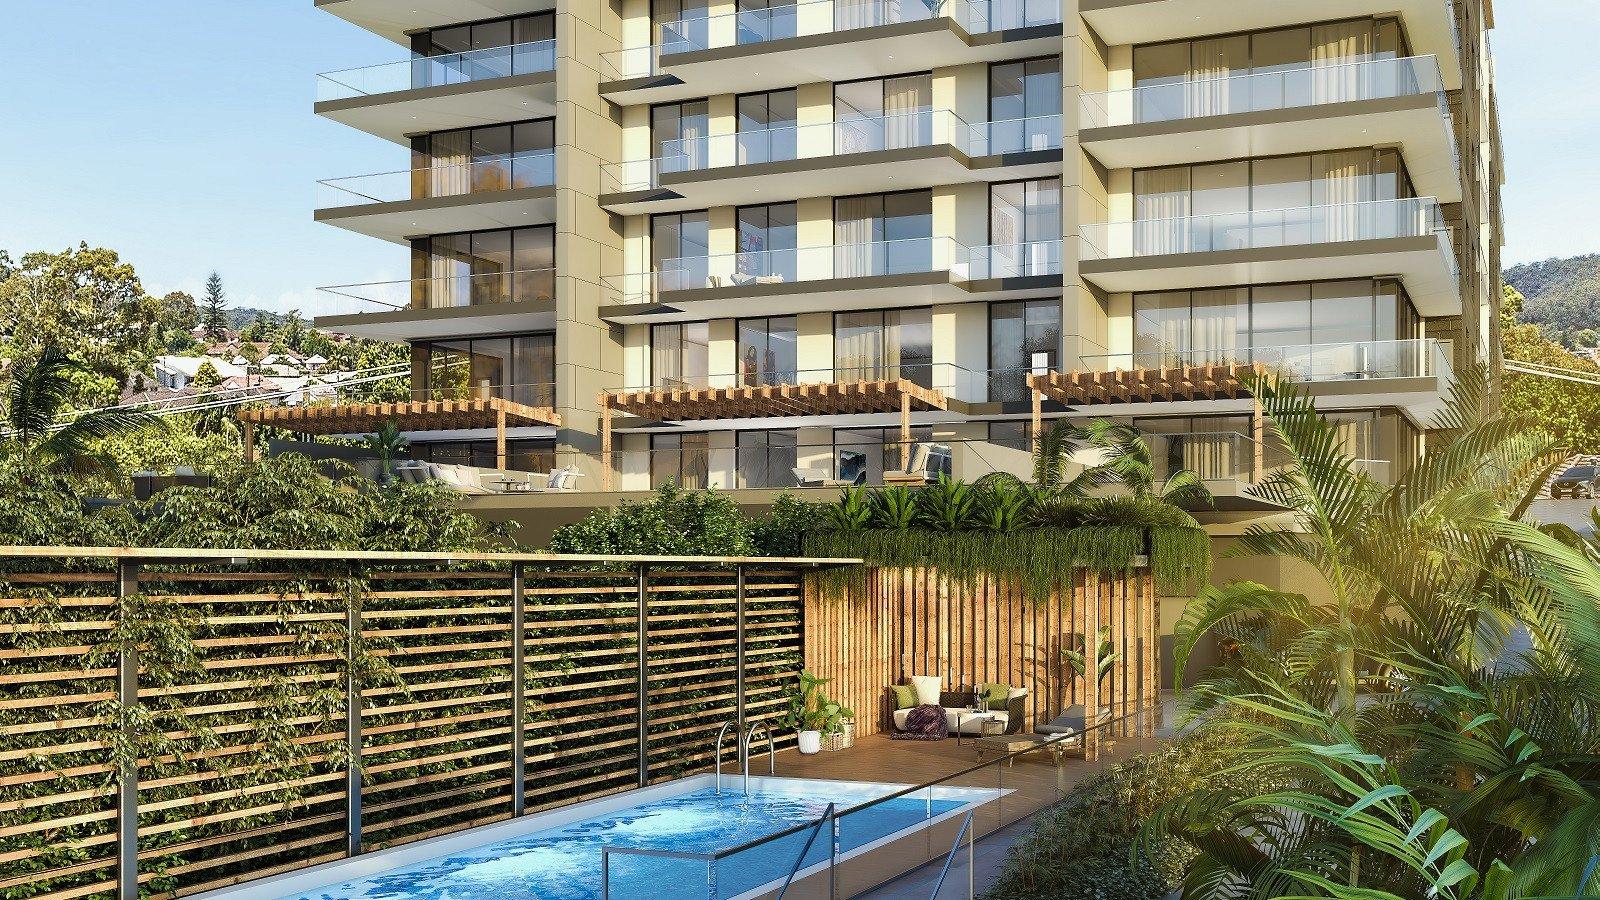 Azure Apartments-image-6